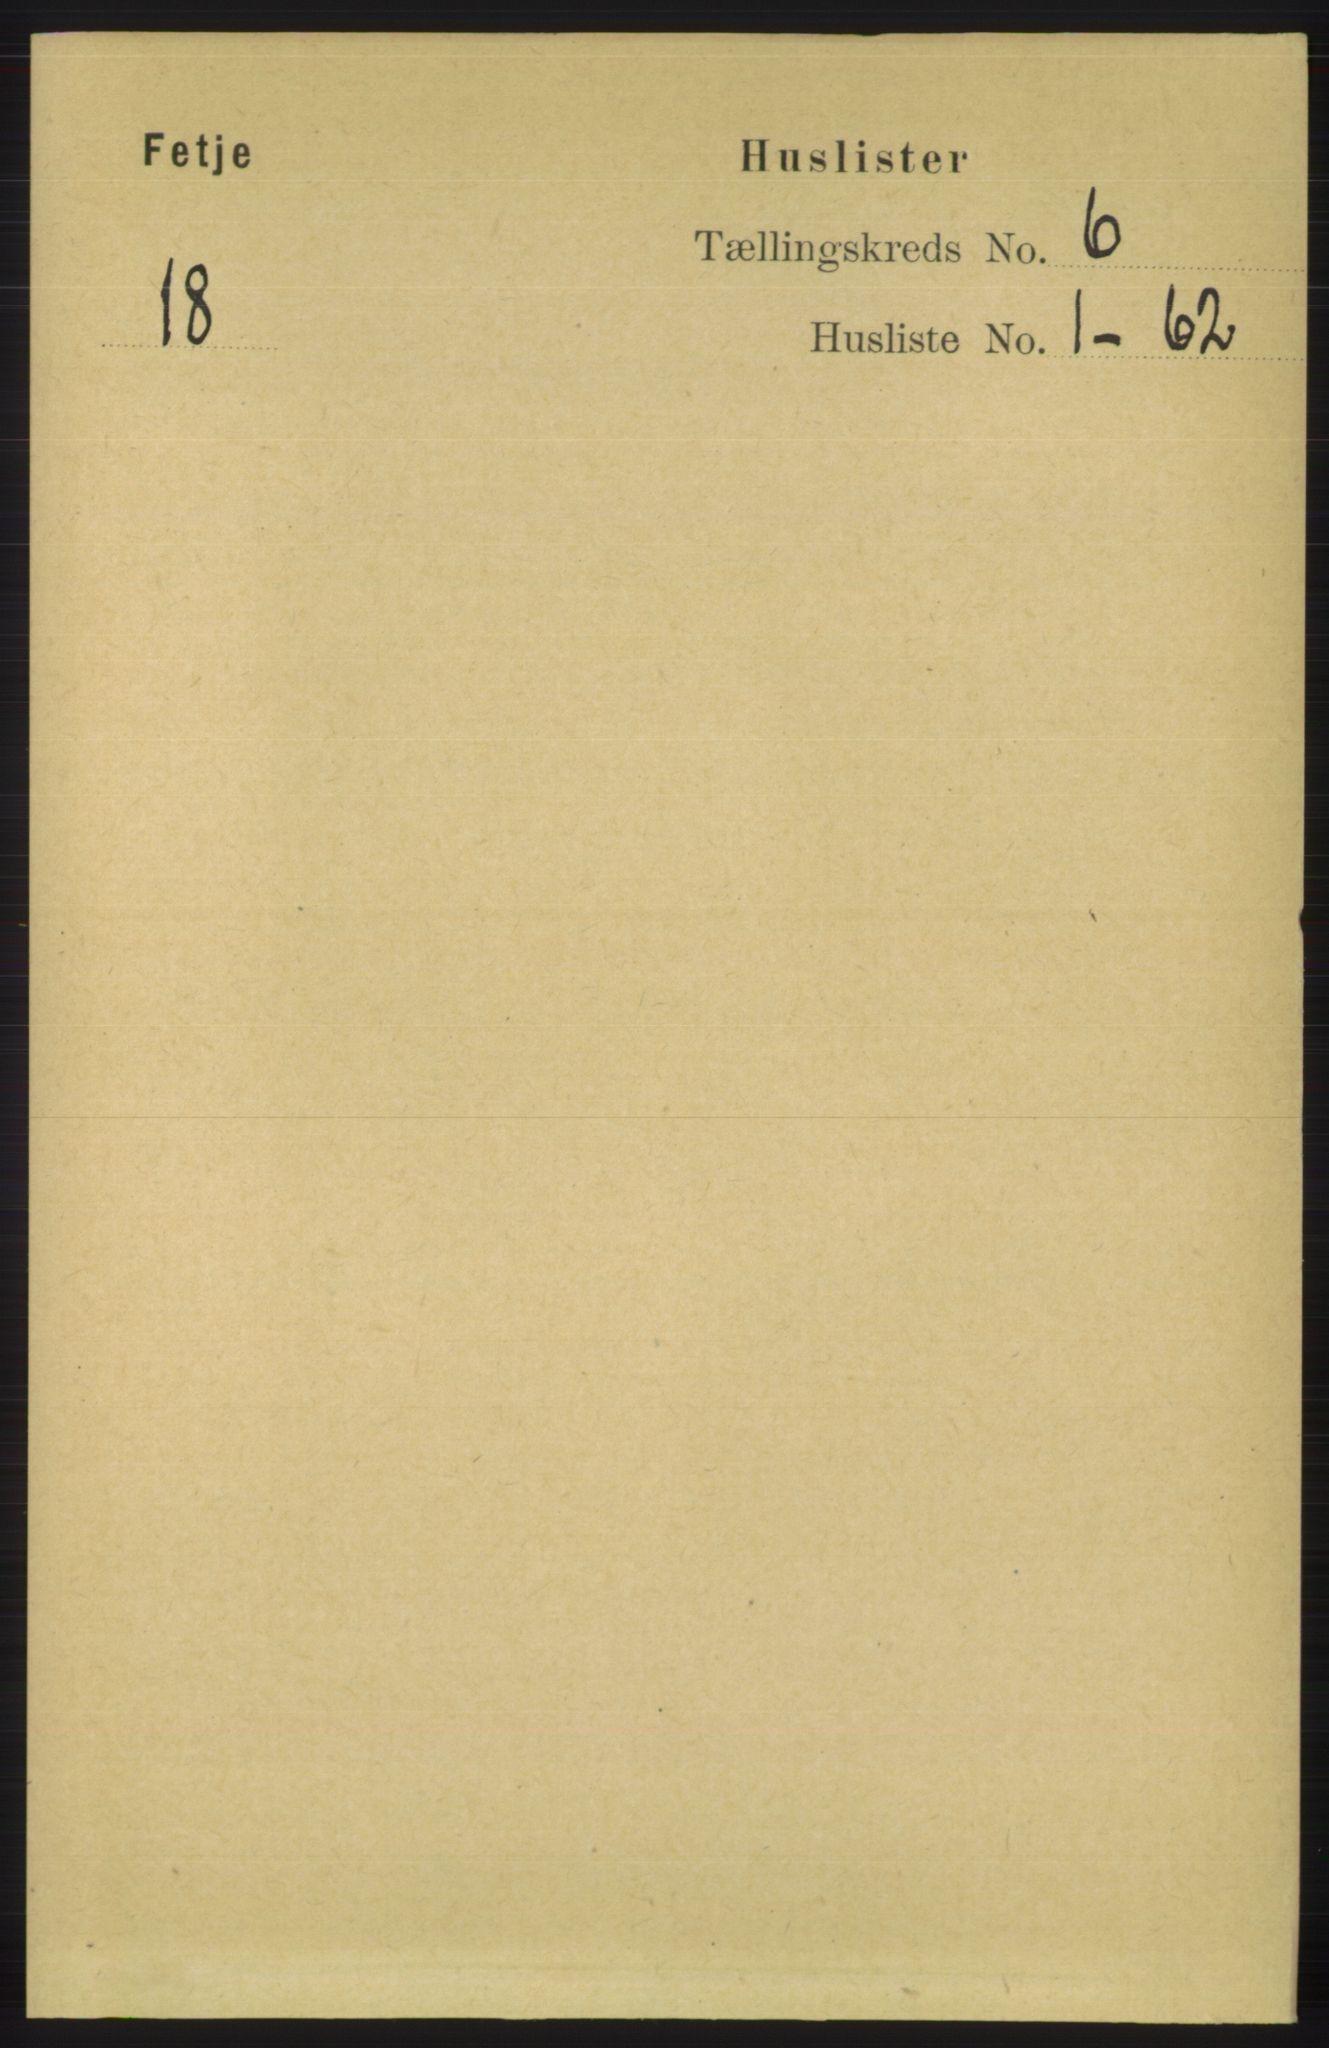 RA, Folketelling 1891 for 1222 Fitjar herred, 1891, s. 2317